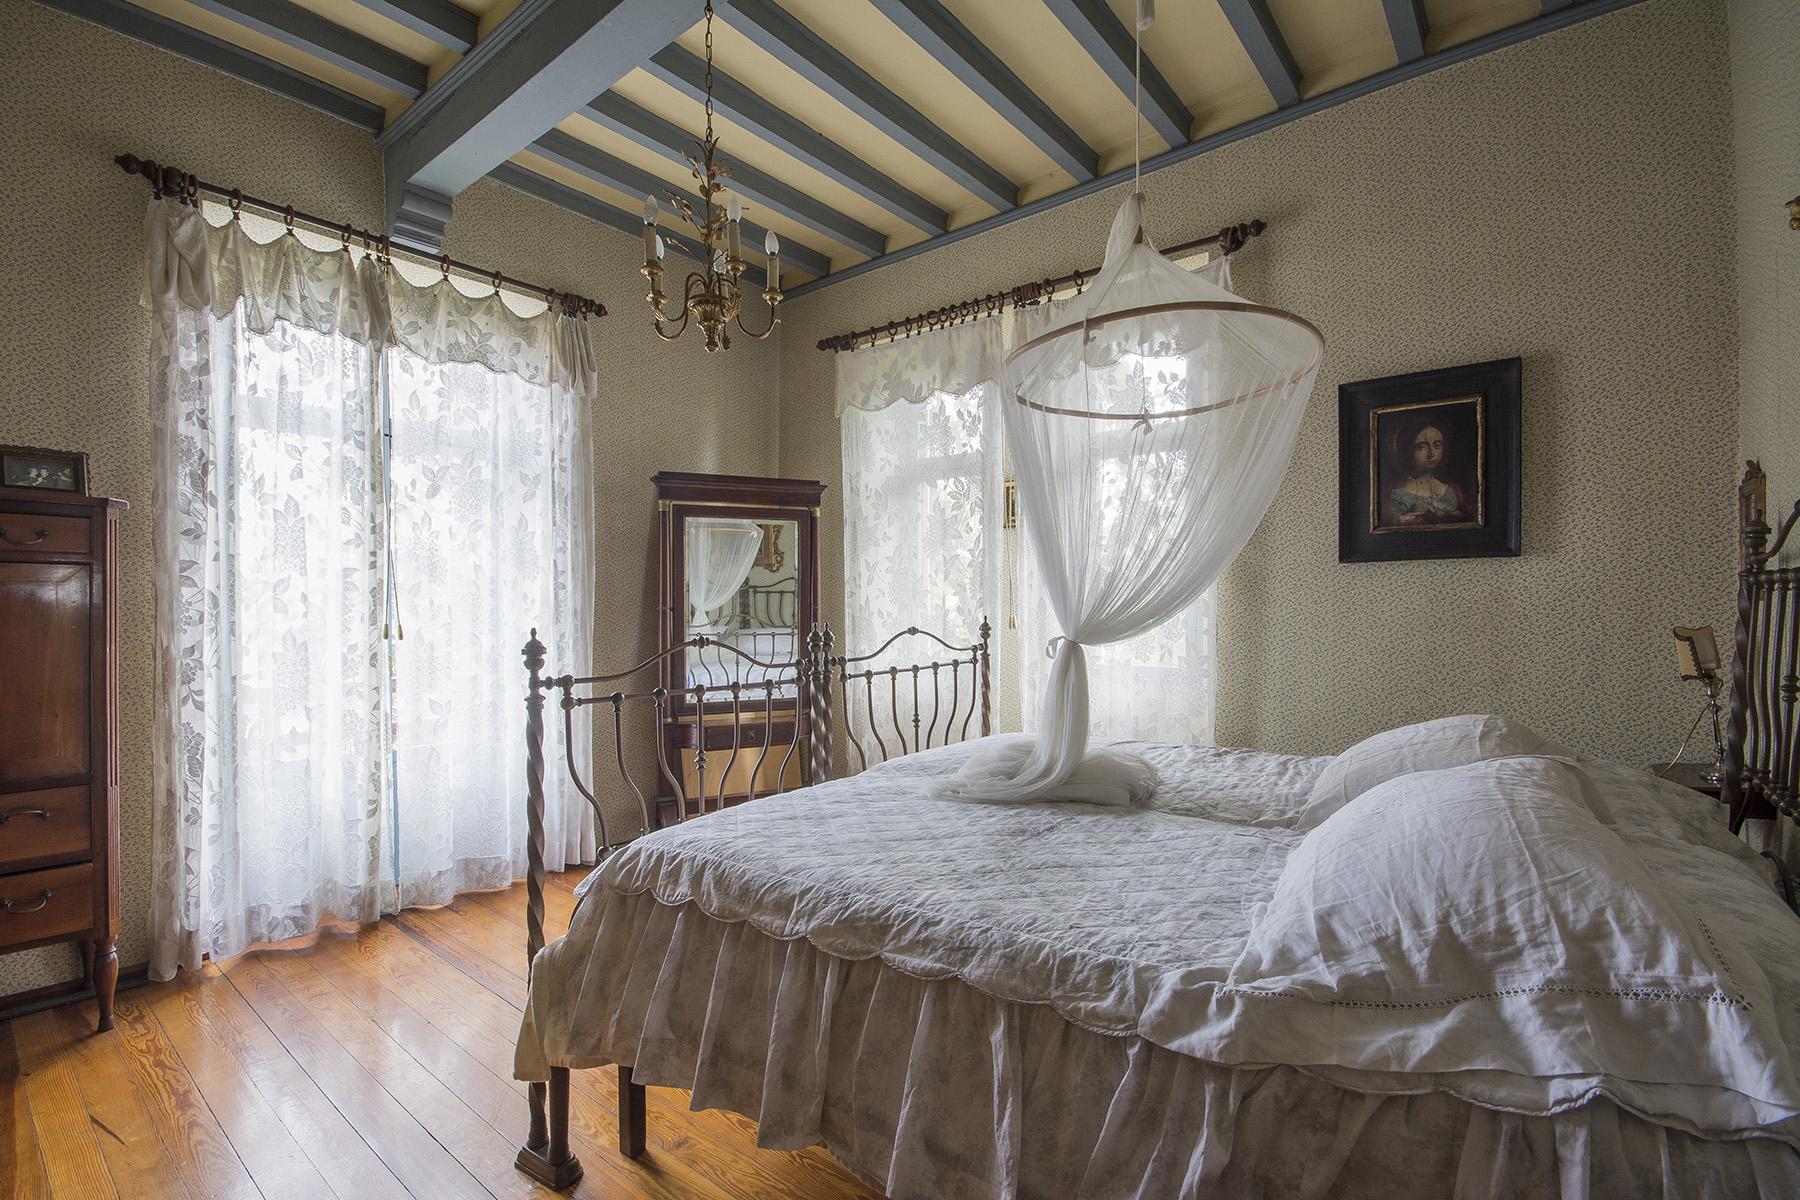 Casa indipendente in Vendita a Traversetolo: 5 locali, 350 mq - Foto 8